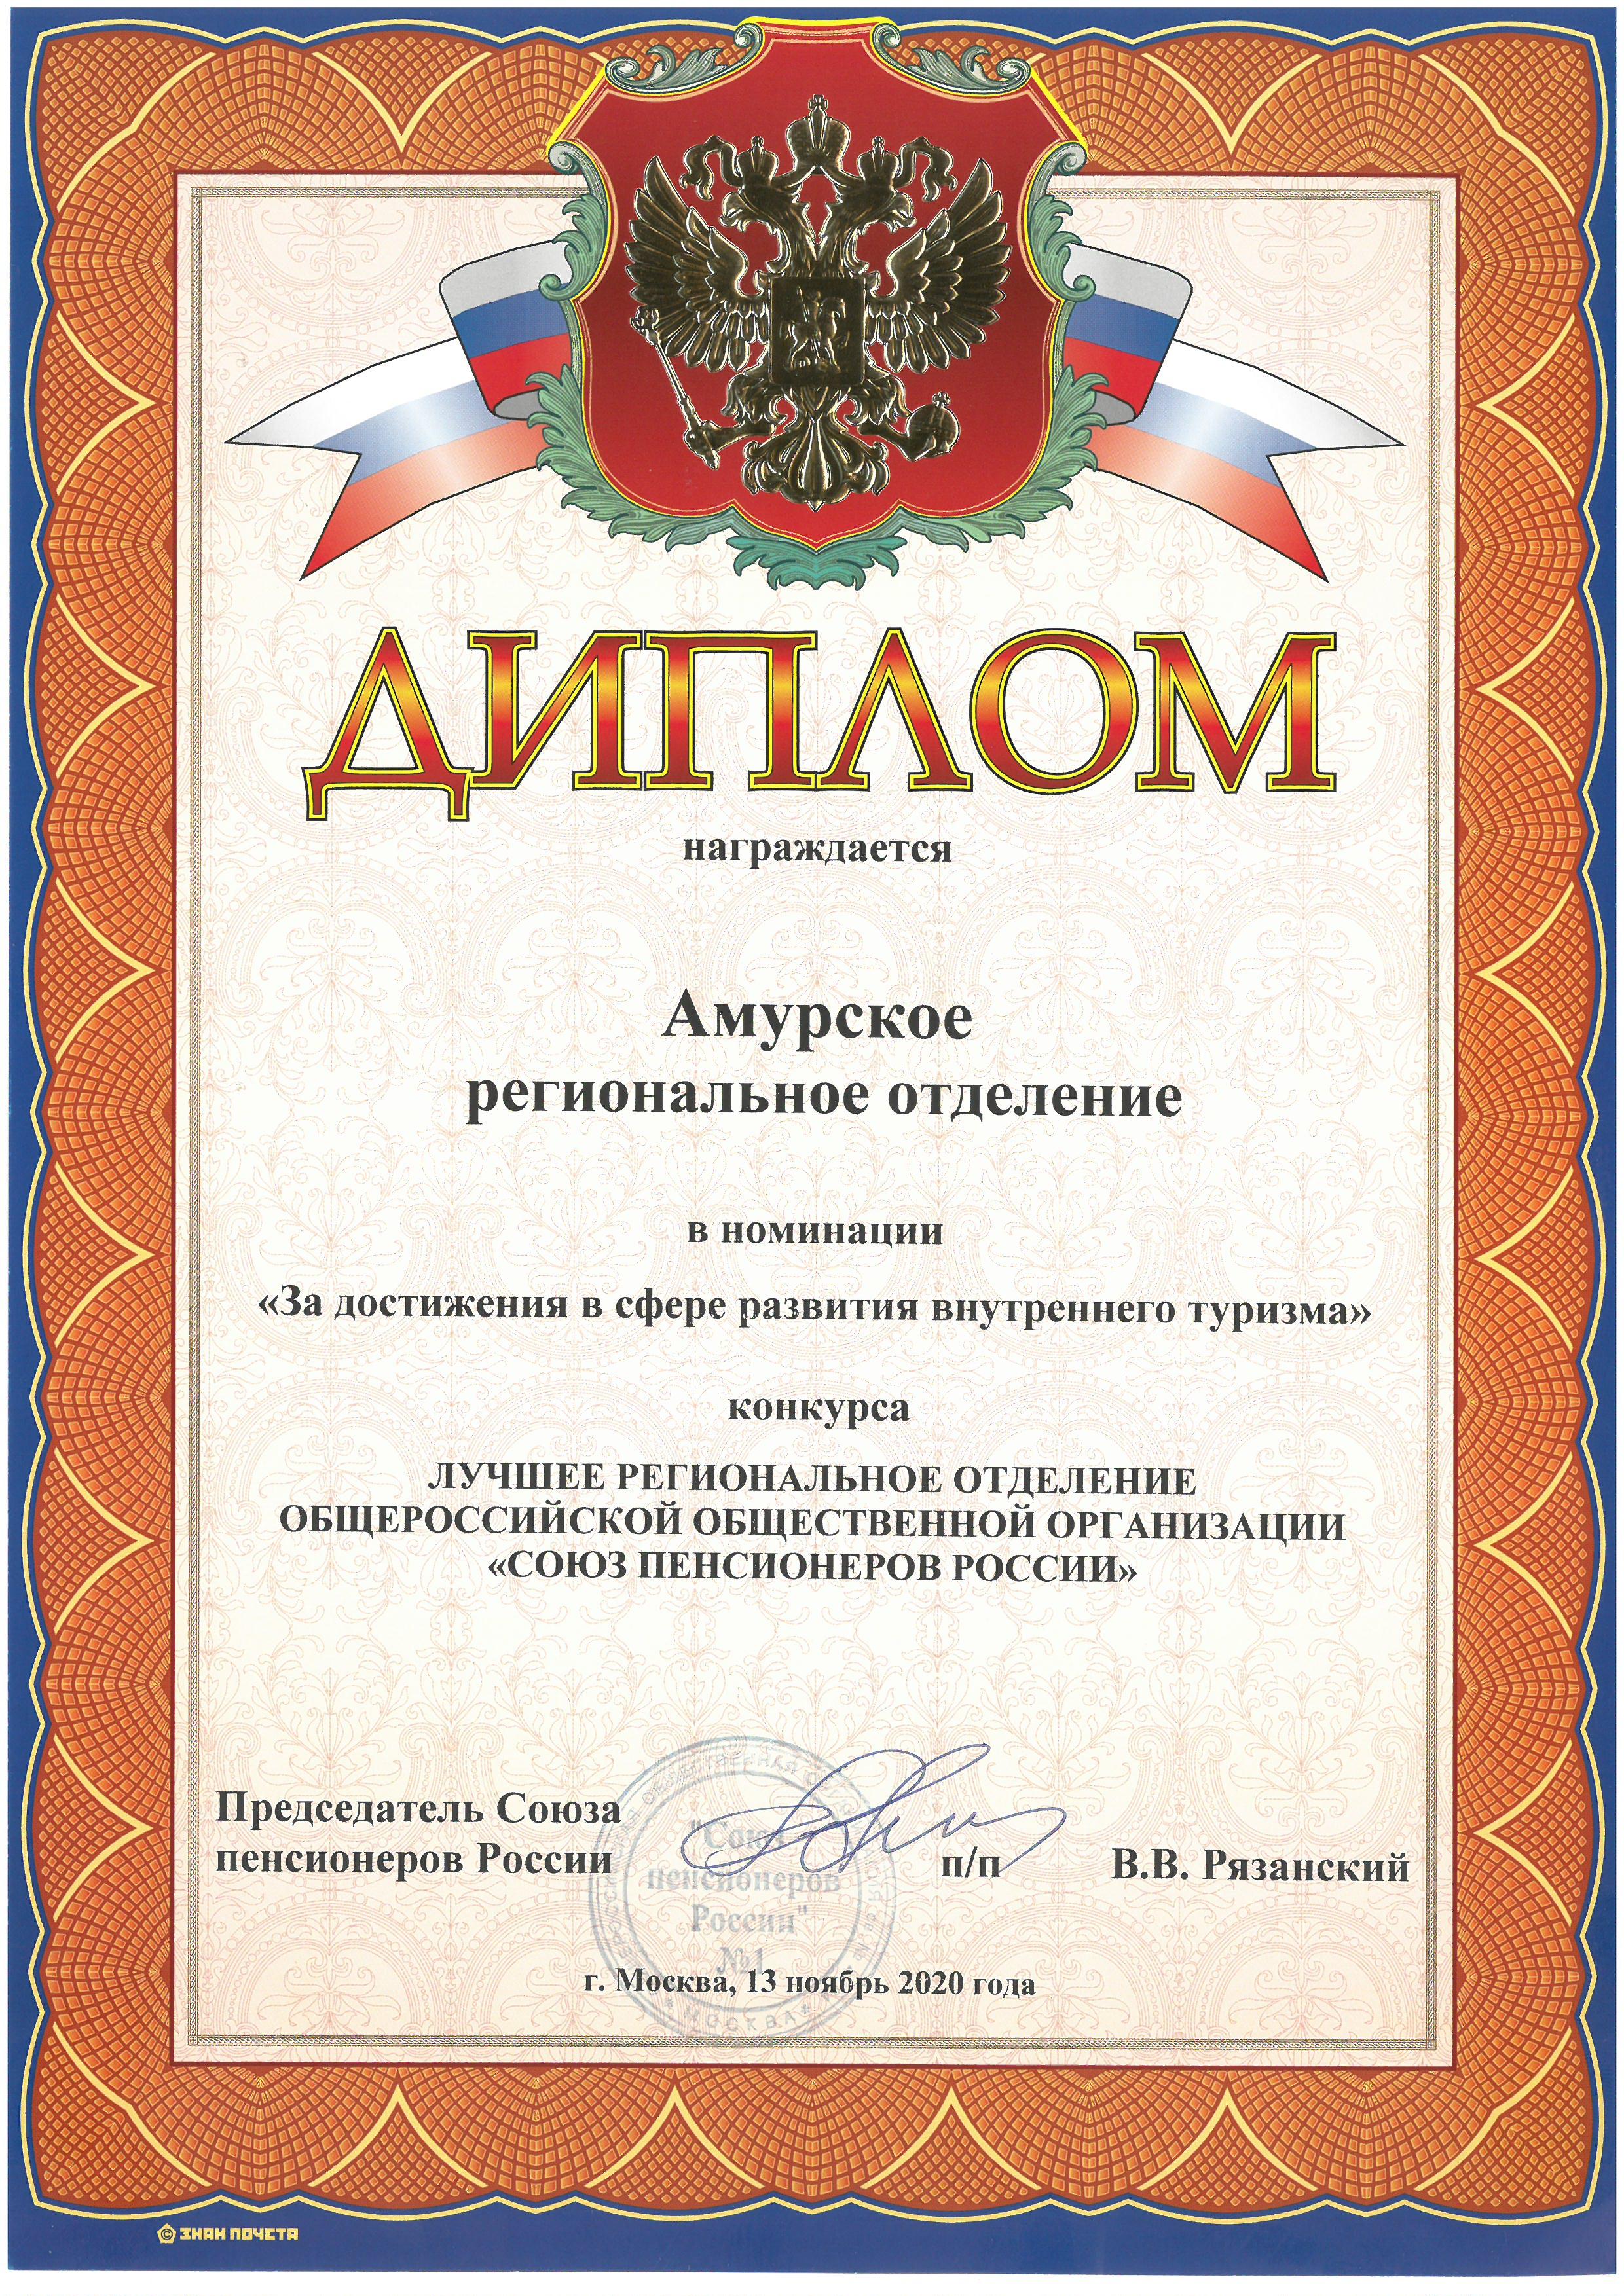 Амурское отделение СПР одержало победу в конкурсе «Лучшее региональное отделение общественной организации «Союз пенсионеров России»